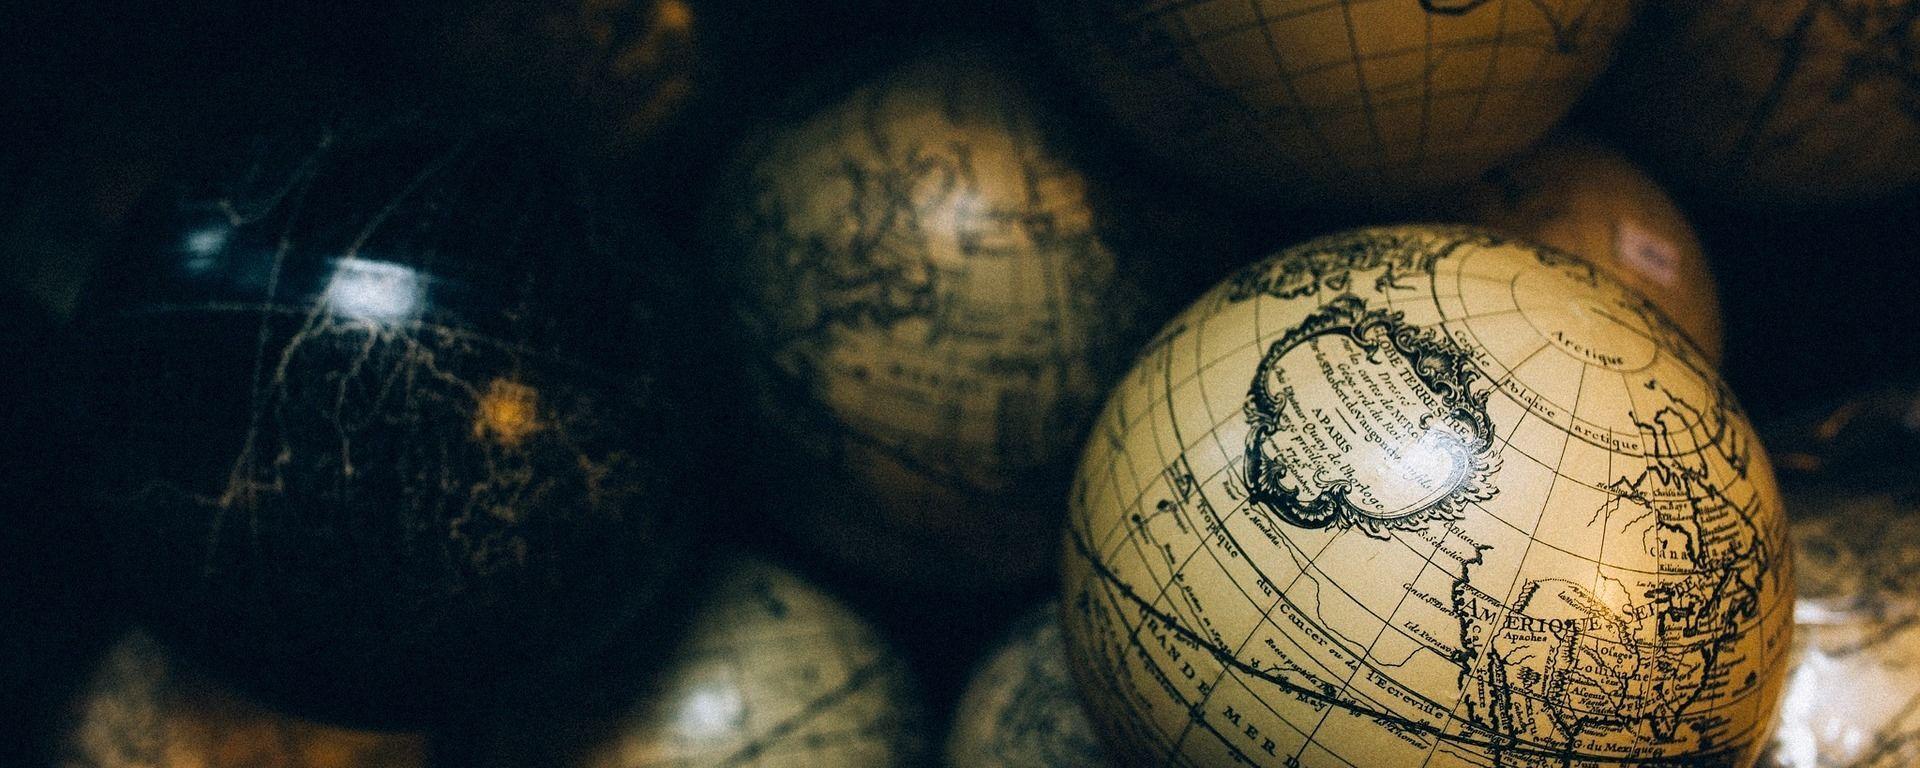 Globos (imagen referencial) - Sputnik Mundo, 1920, 05.03.2021